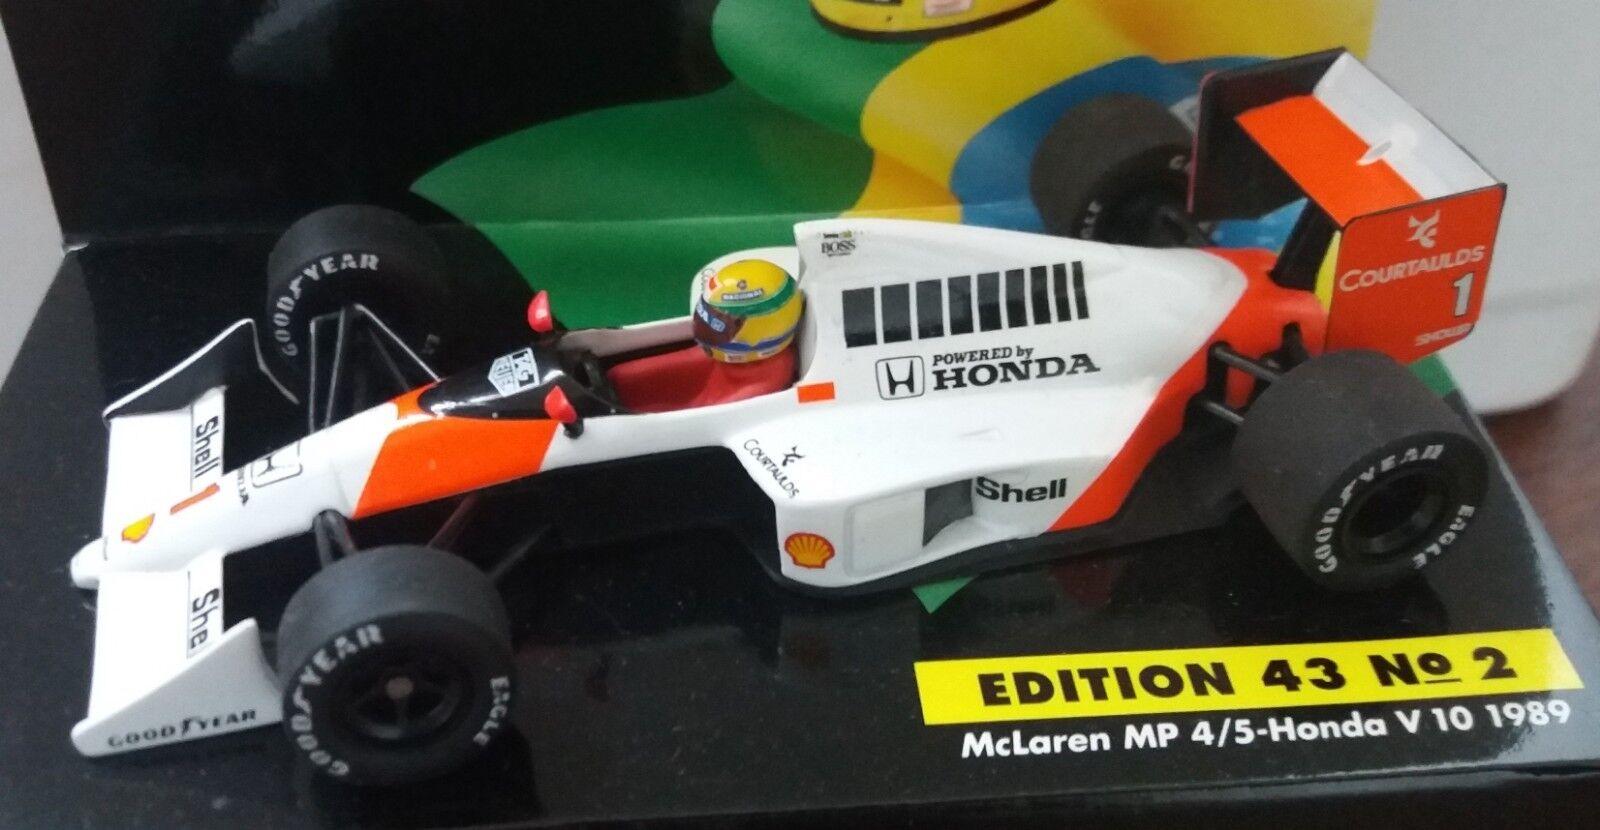 Envíos y devoluciones gratis. McLaren Honda MP4 5 V10  1989 A.Senna    Edition 43 n°2  Minichamps 1 43  Entrega gratuita y rápida disponible.